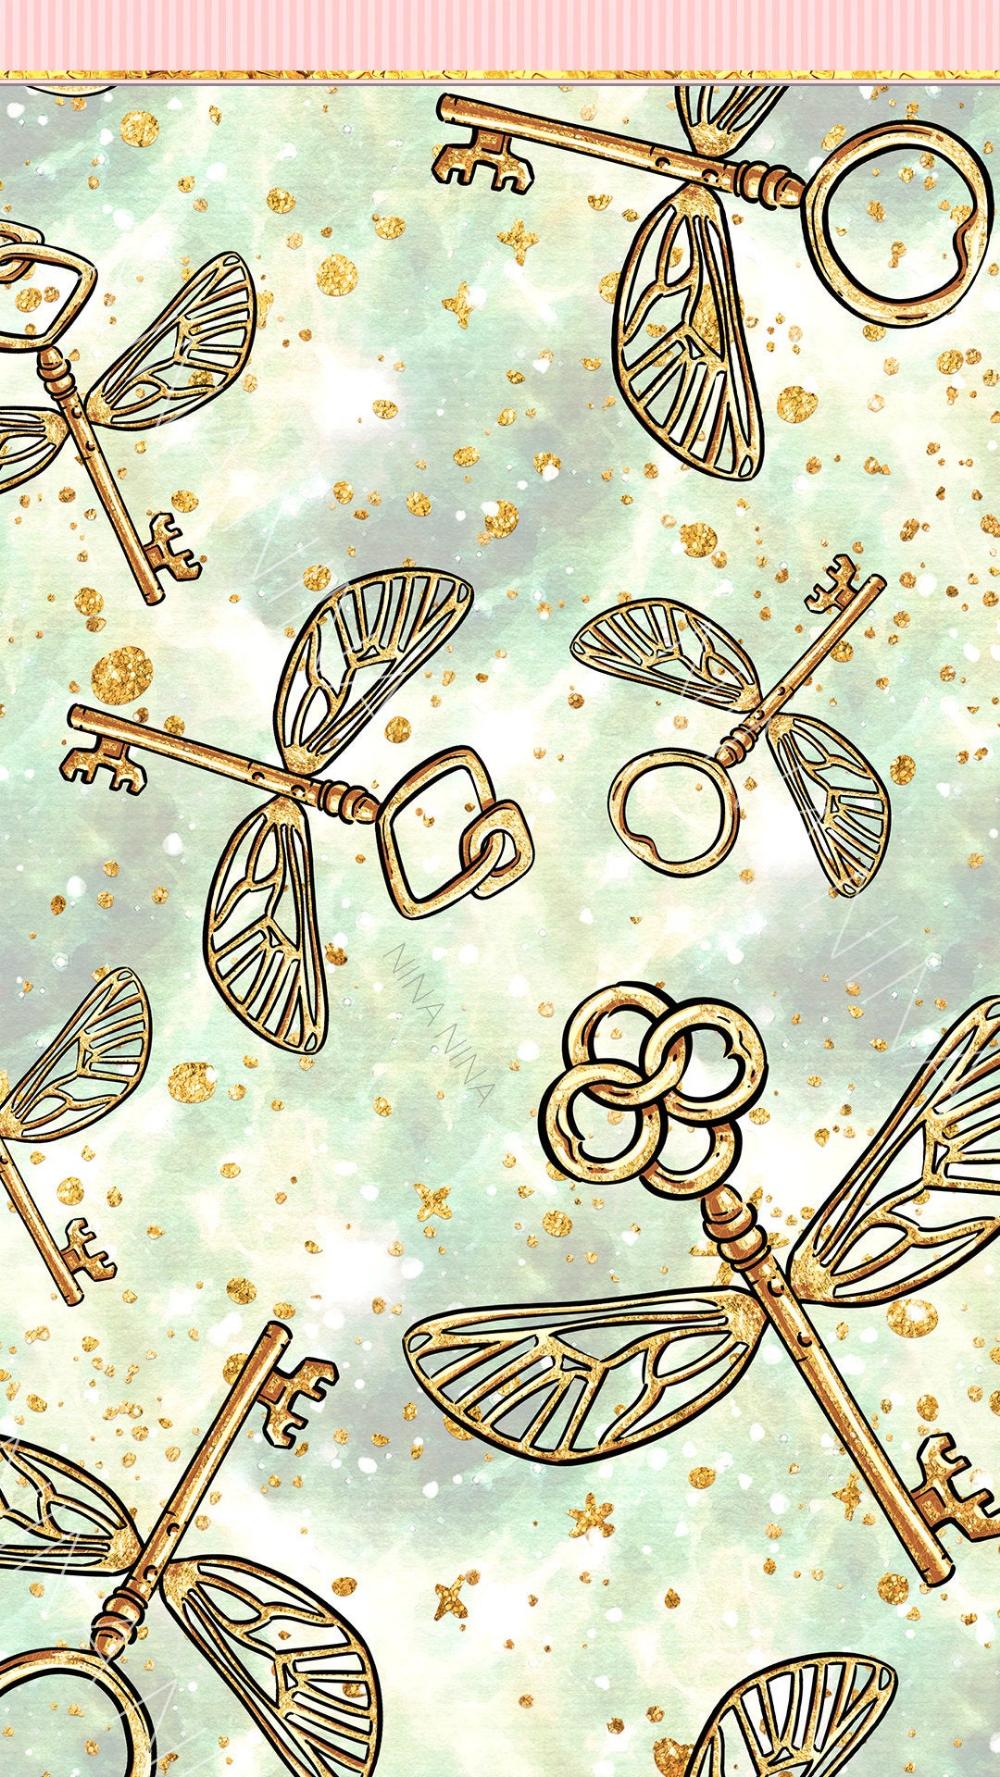 Wallpaper Wizard School Basic Digital Papers Magic Seamless Patterns Etsy Harrypotter Wallpaper Hintergrund Iphone Hintergrundbilder Skizzierung